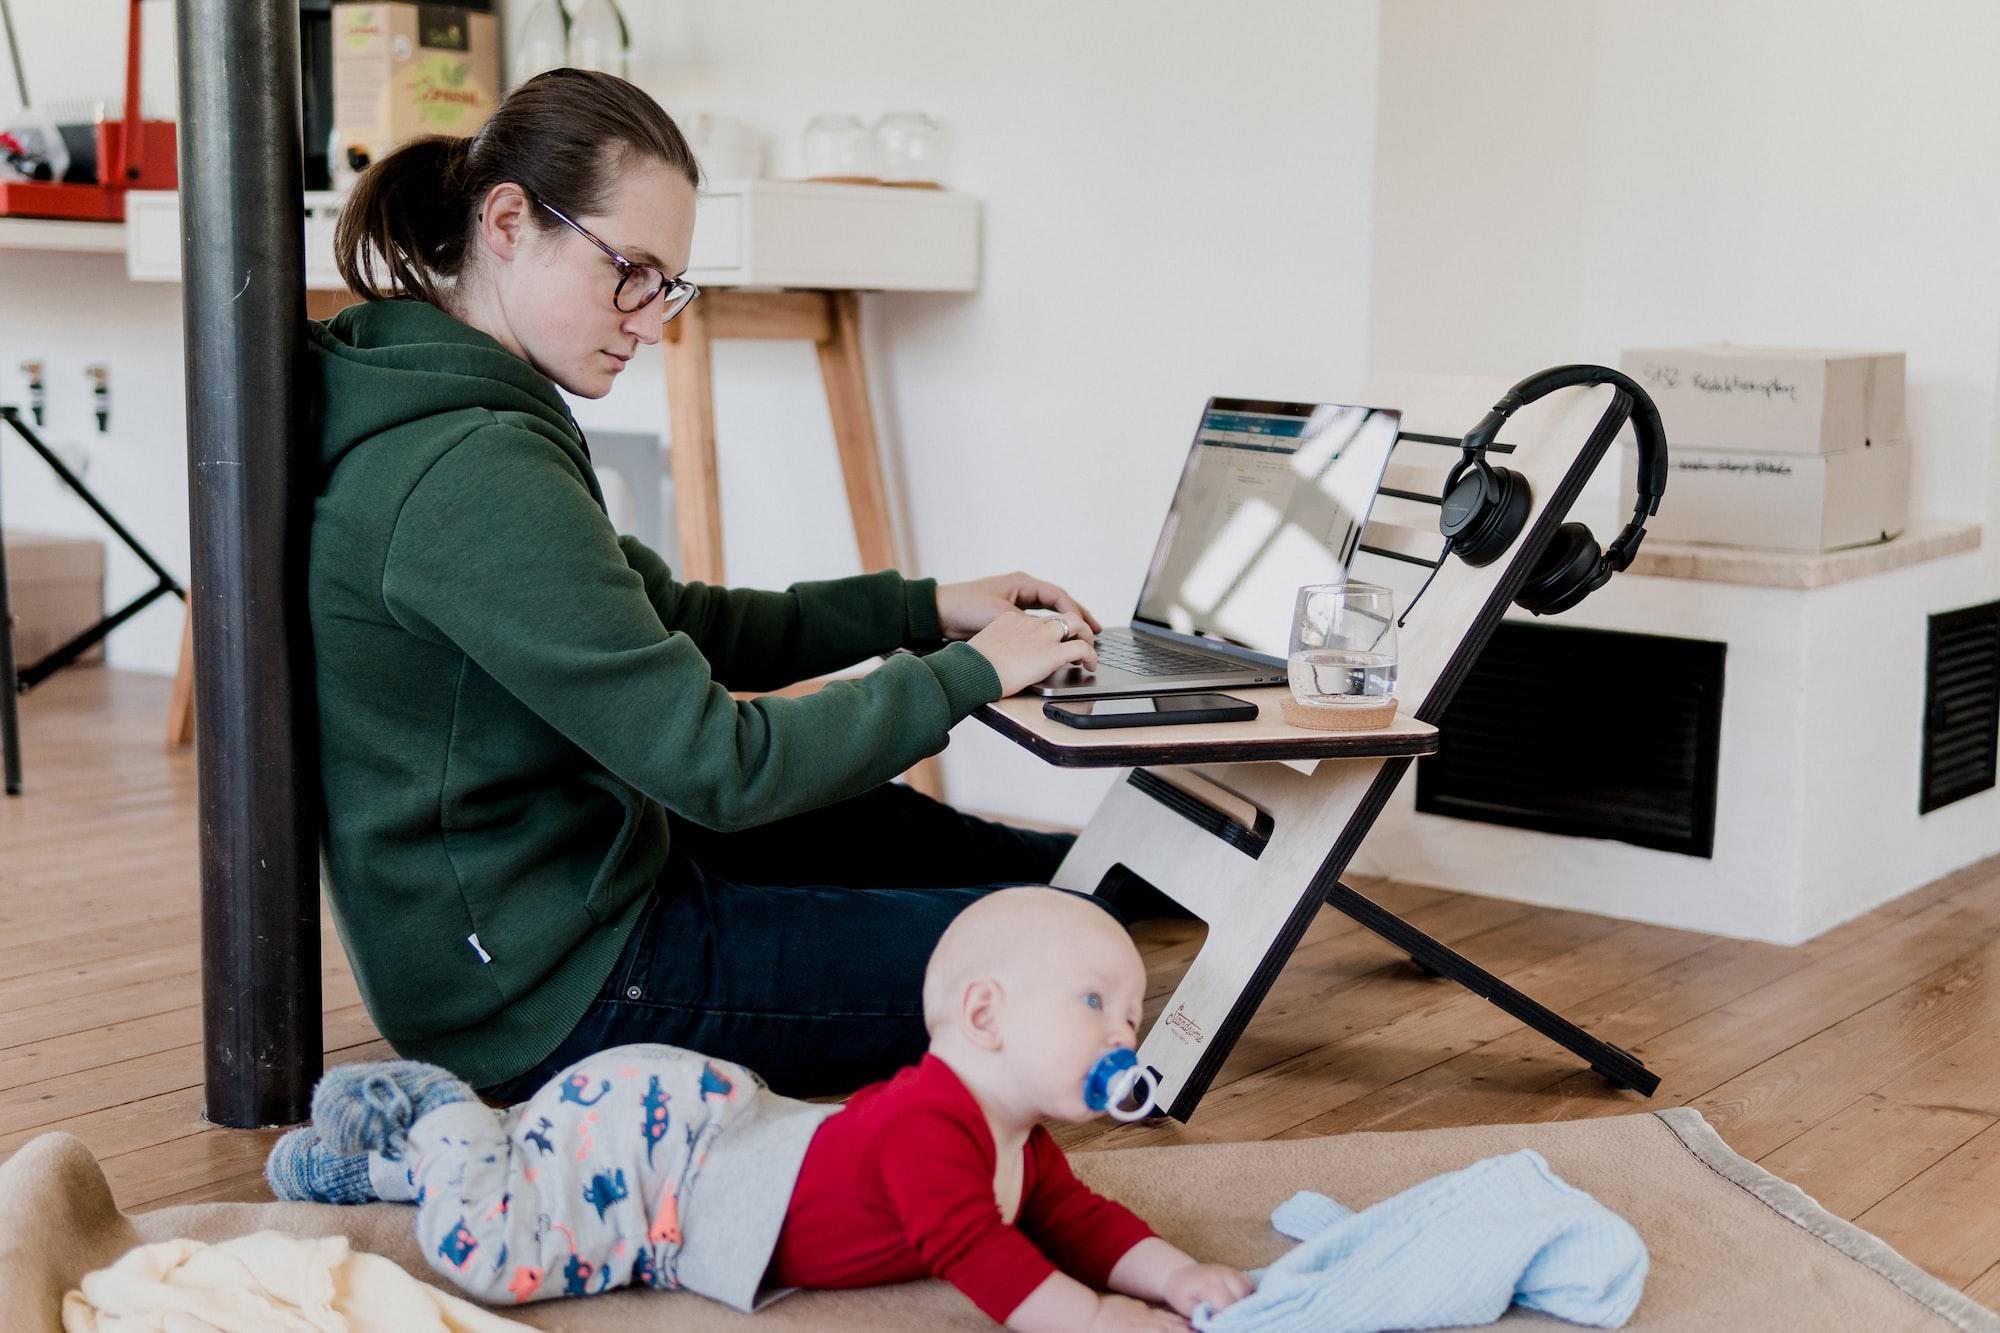 O trabalho remoto parece ser uma tendência que vem para tornar-se regra. Photo by Standsome Worklifestyle / Unsplash